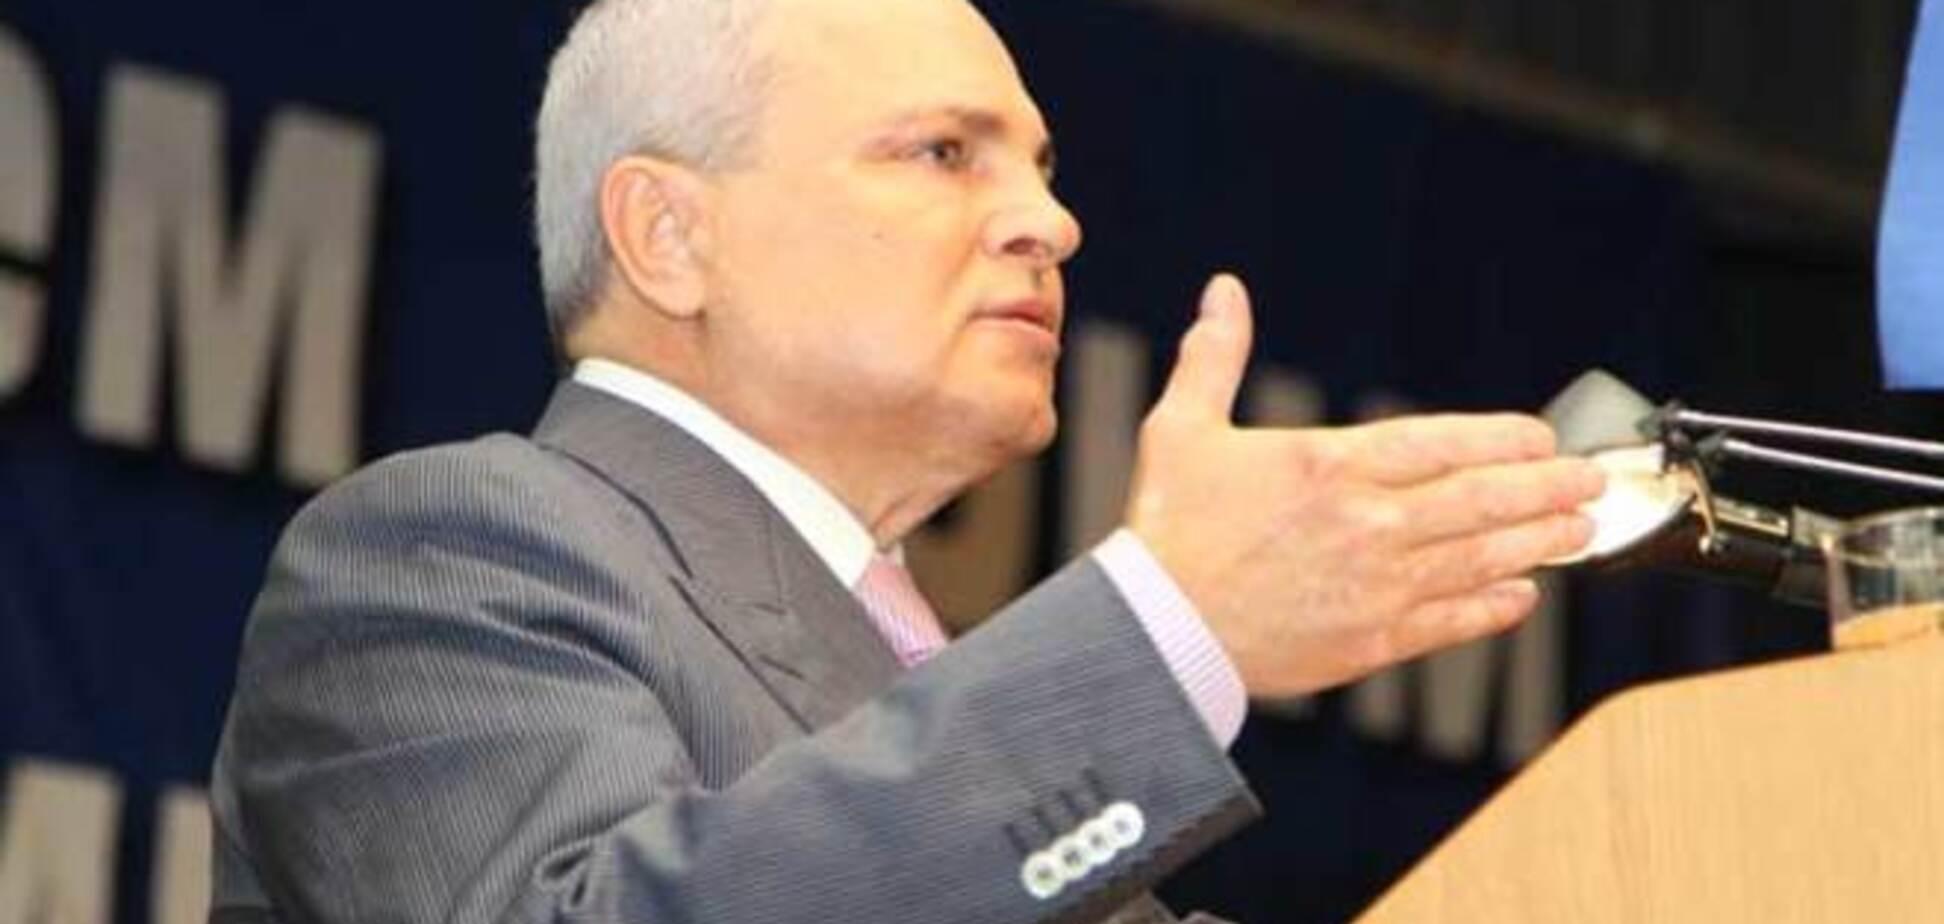 Оккупанты арестовали бывшего мэра Керчи